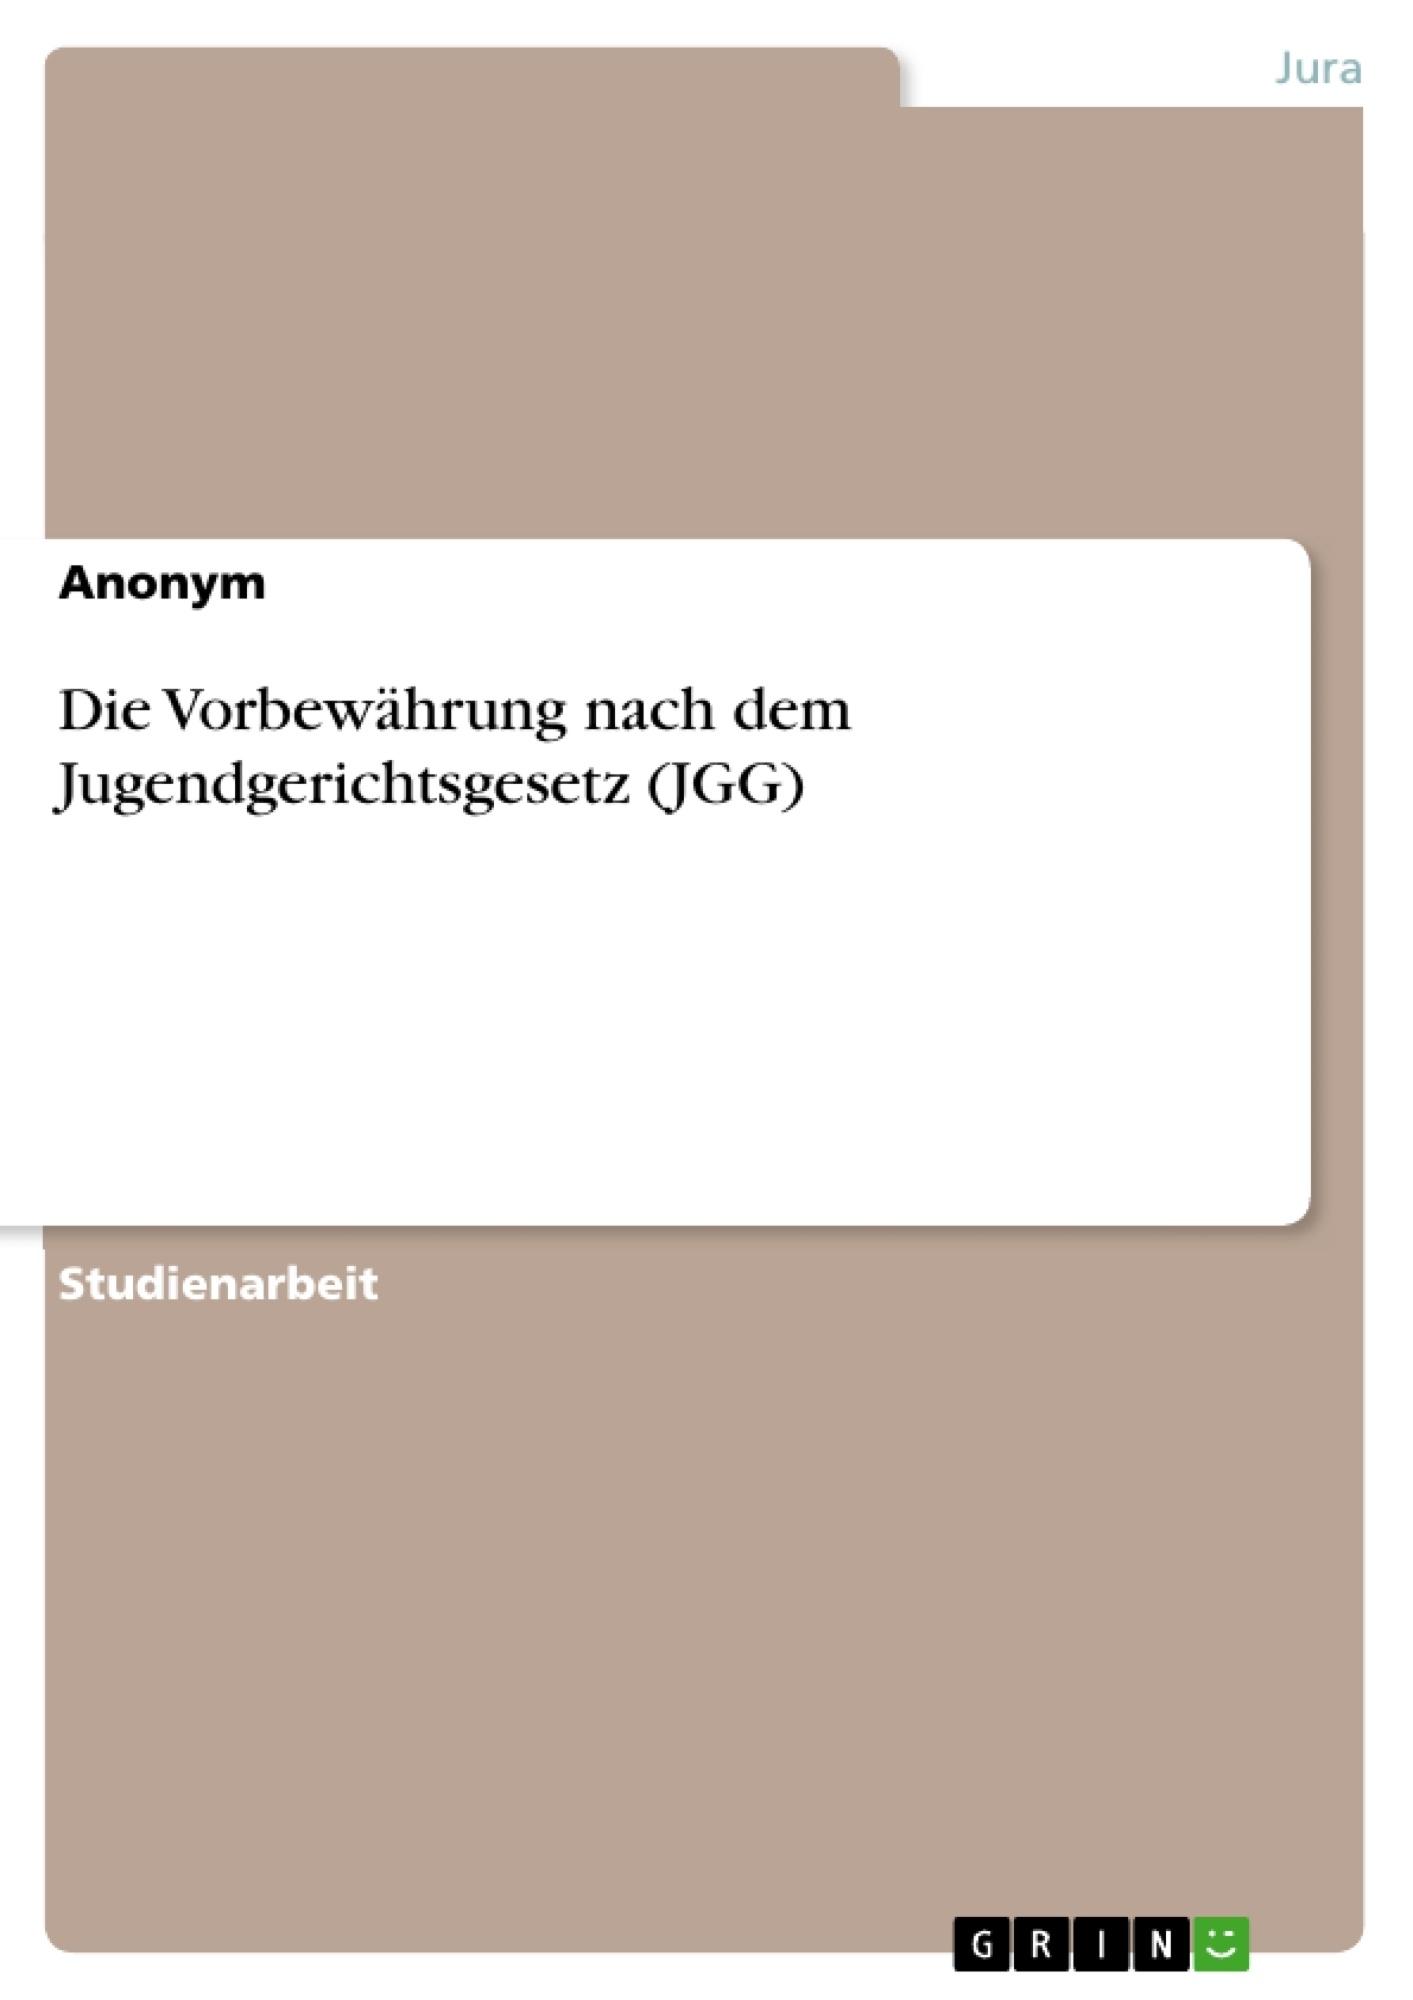 Titel: Die Vorbewährung nach dem Jugendgerichtsgesetz (JGG)